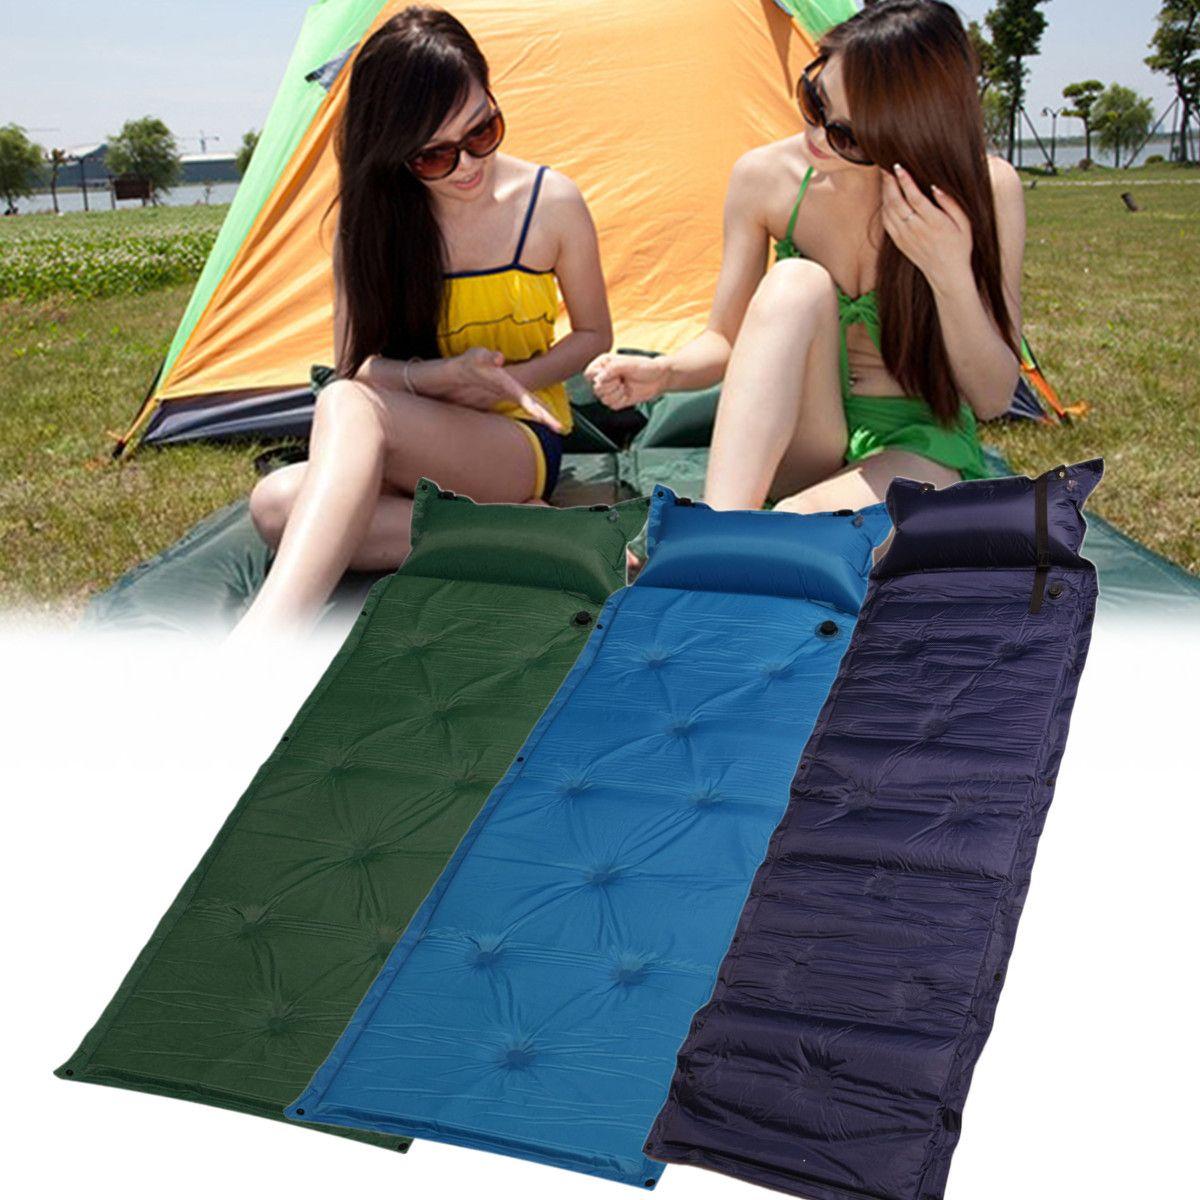 sale 18 22 69 ipreea 183x57x2 5cm self inflatable air mattress